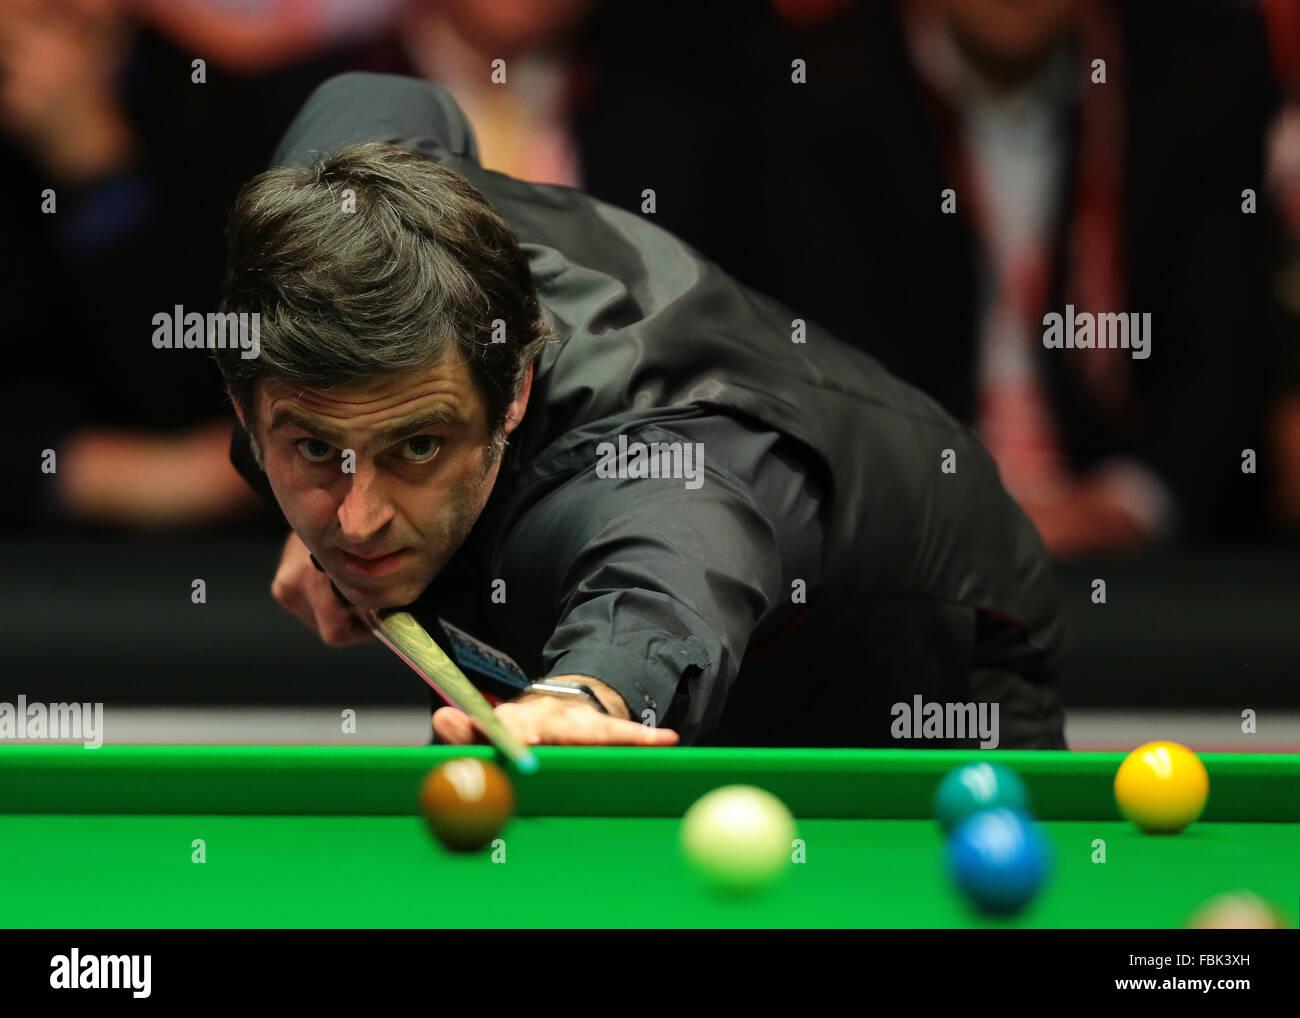 Alexandra Palace di Londra, Regno Unito. Xvii gen, 2016. Masters Snooker. Finali. Ronnie O'Sullivan reagisce Immagini Stock